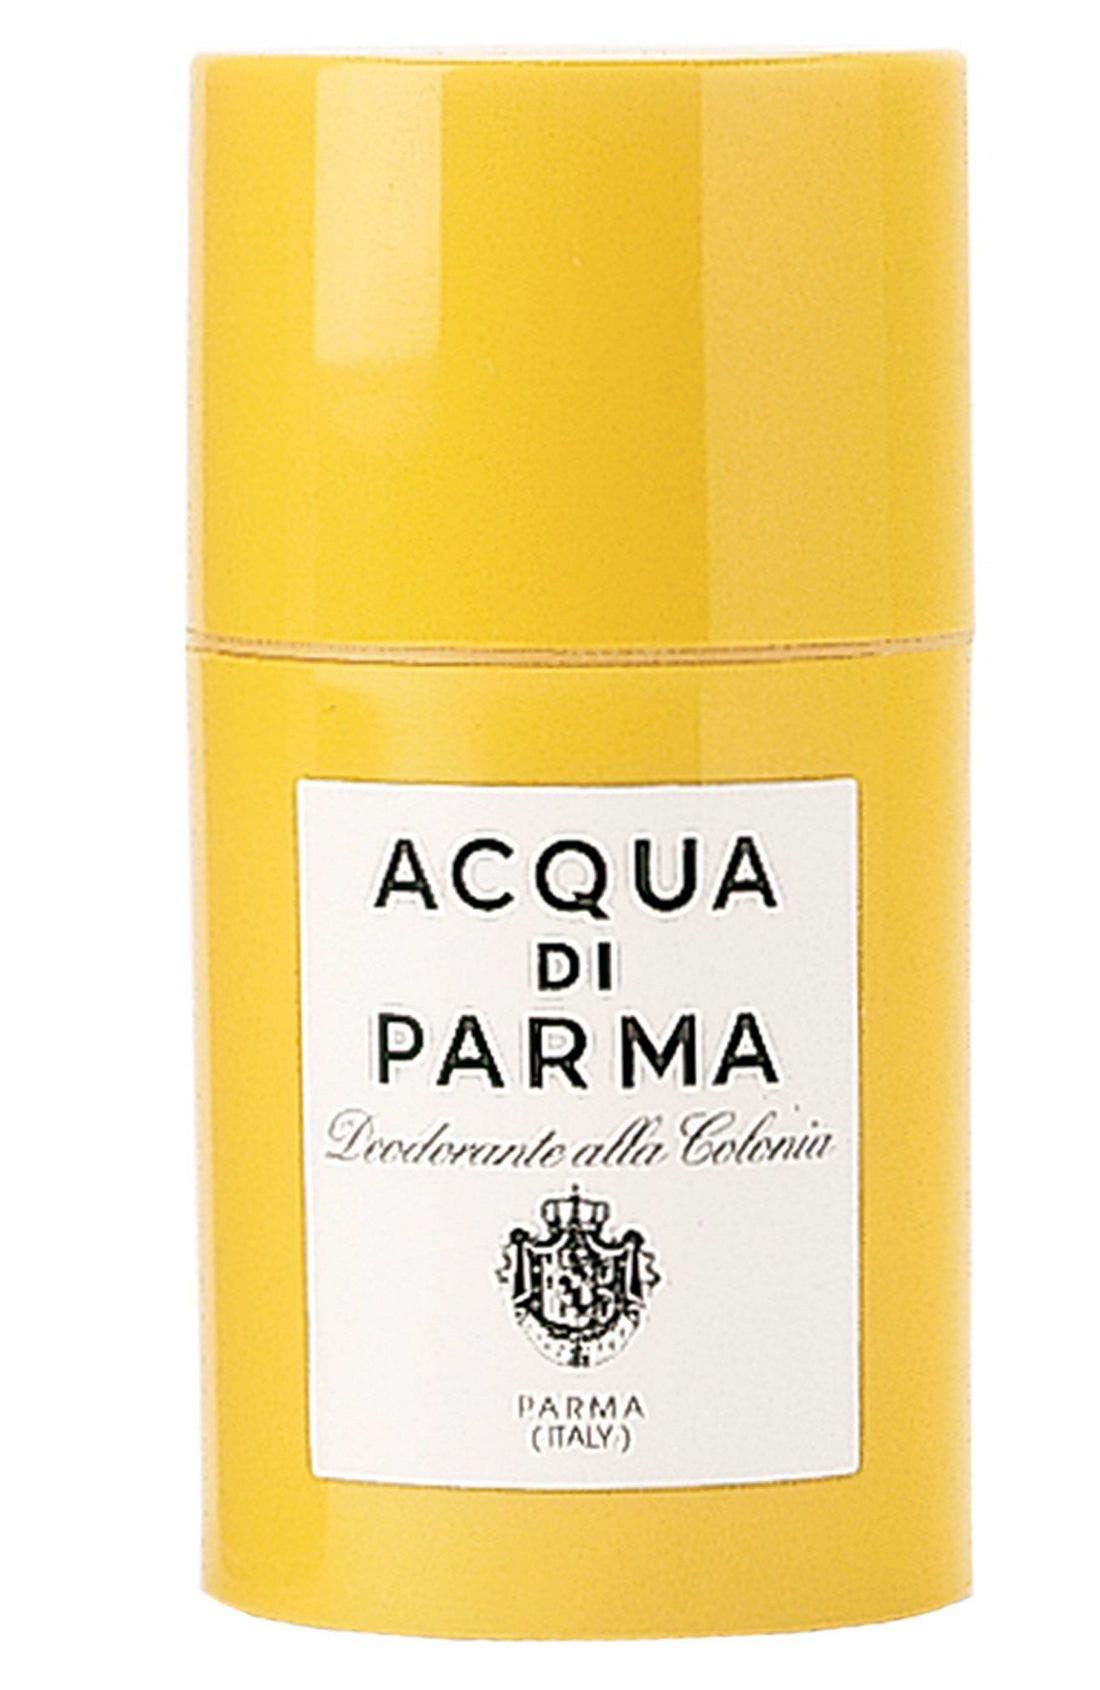 Acqua di Parma 'Colonia' Deodorant